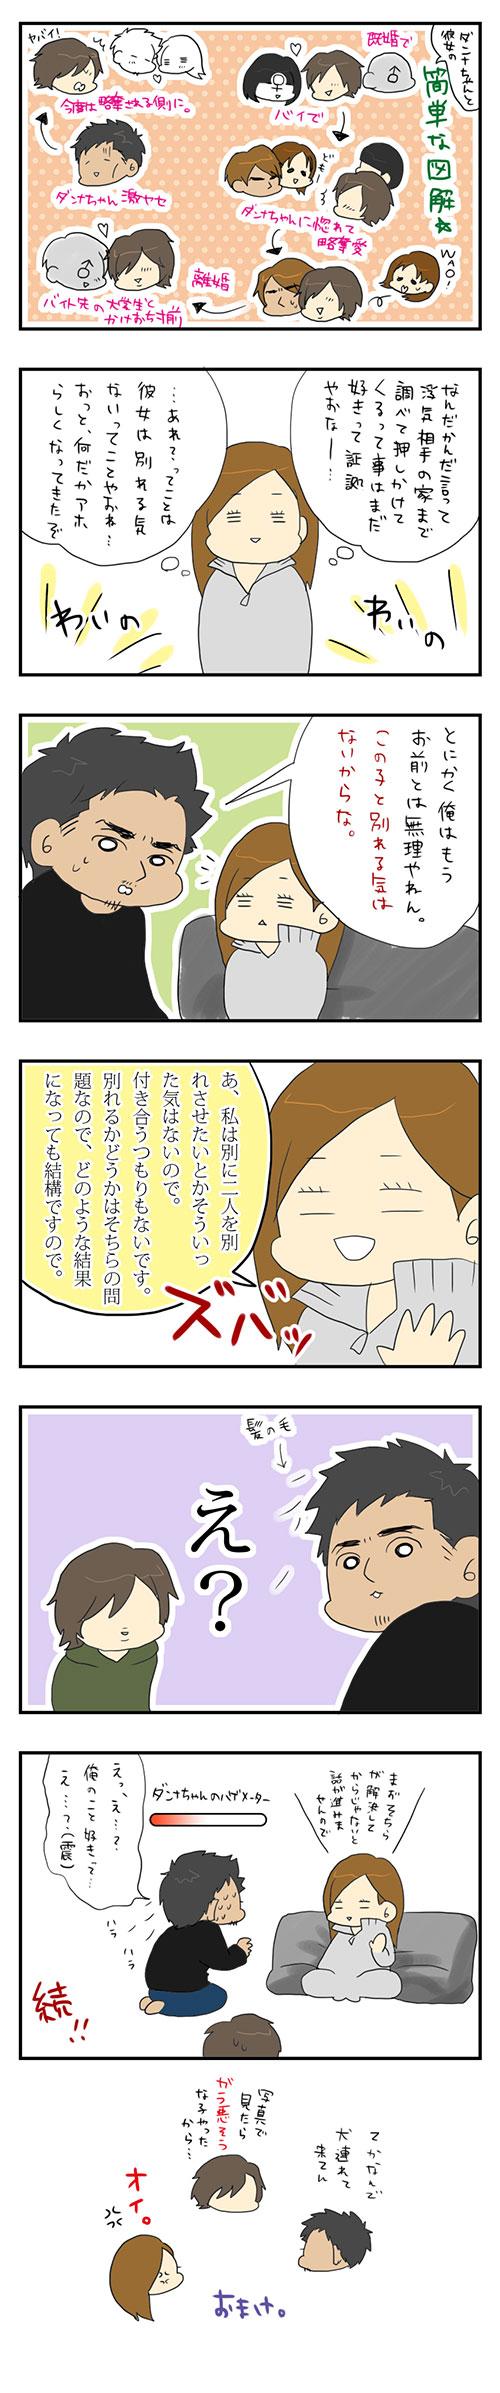 20141208_2.jpg